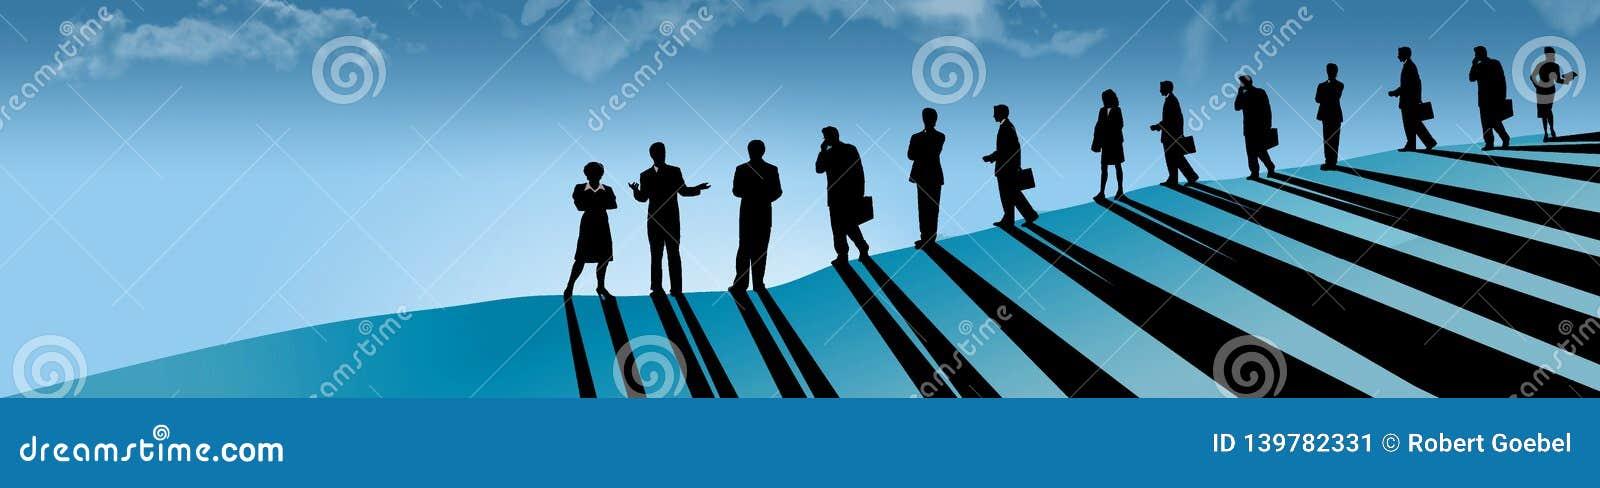 Una gente della linea di affare, uomini e donne, è veduta su un pendio di collina mentre seguono il loro capo femminile, il capo,